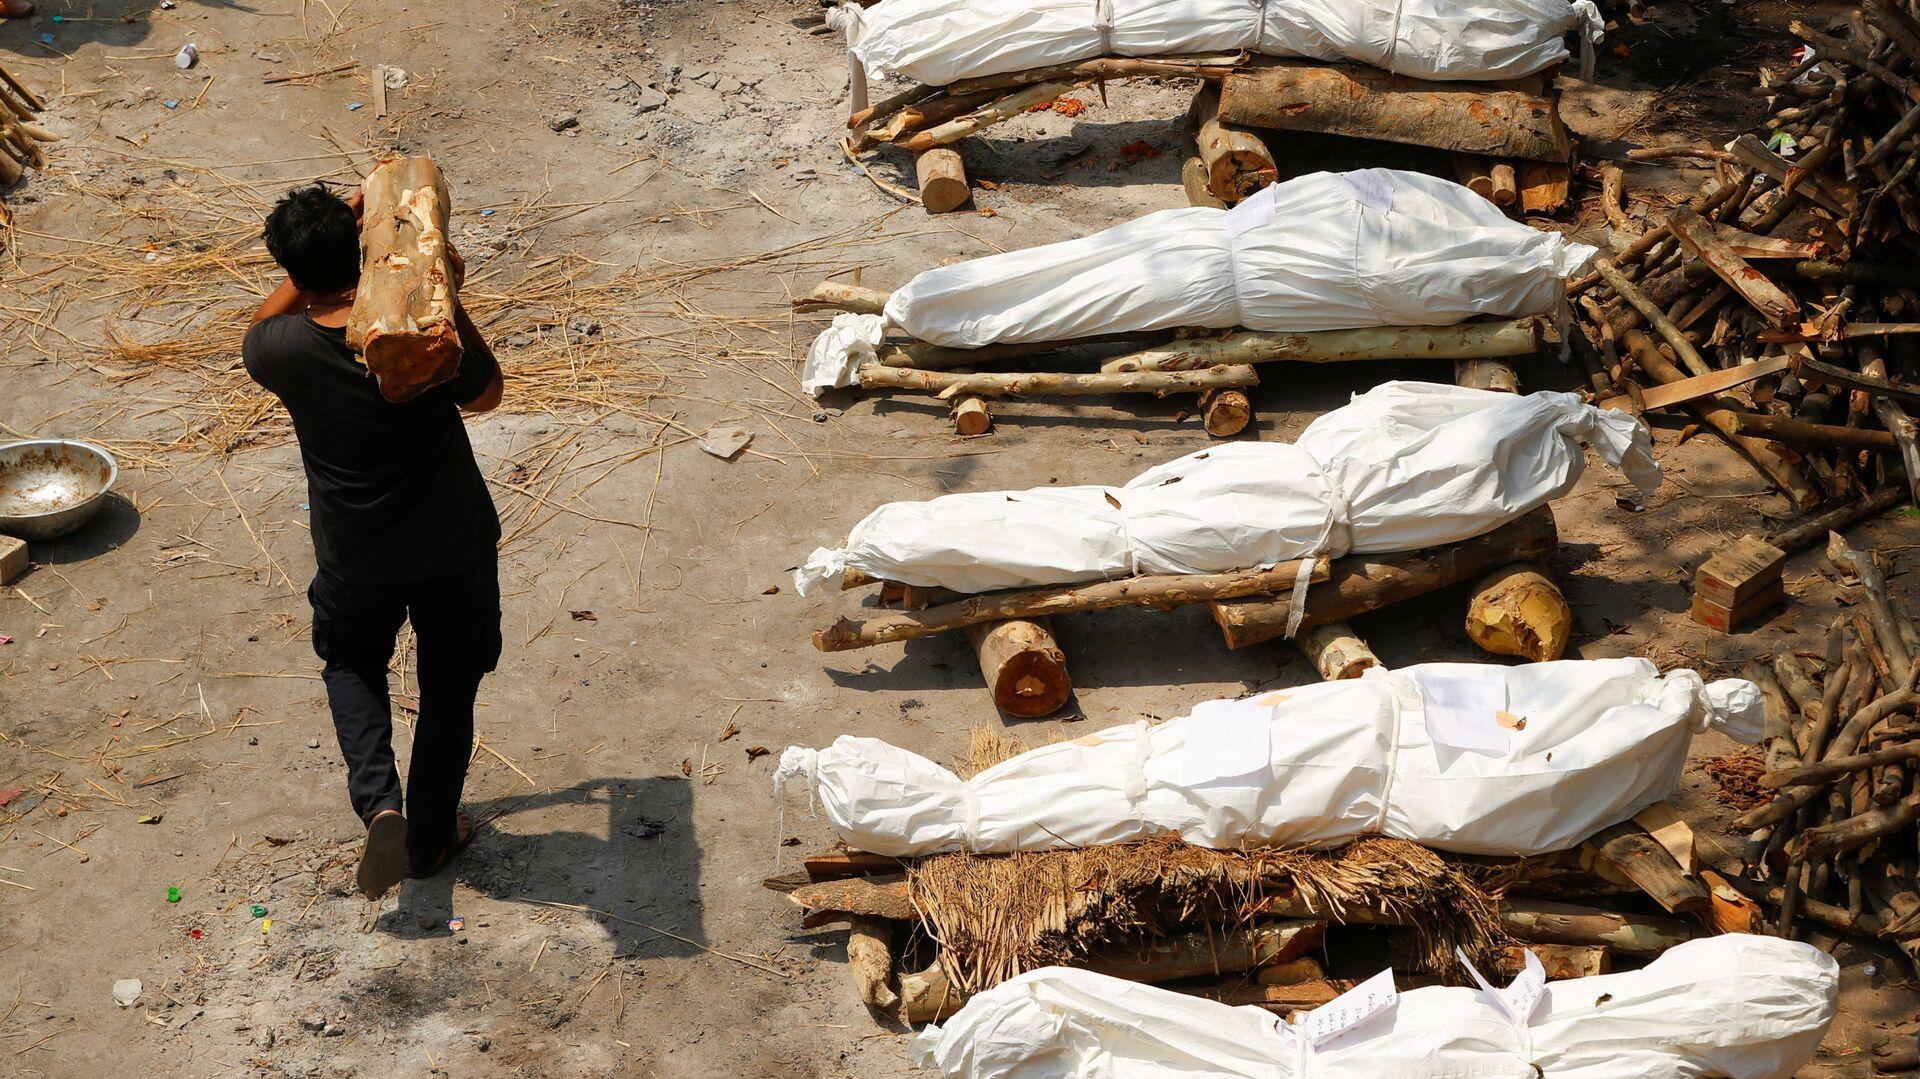 Un uomo con legna da ardere passa davanti alle pire funerarie durante la cremazione di massa in India - Sputnik Italia, 1920, 15.05.2021